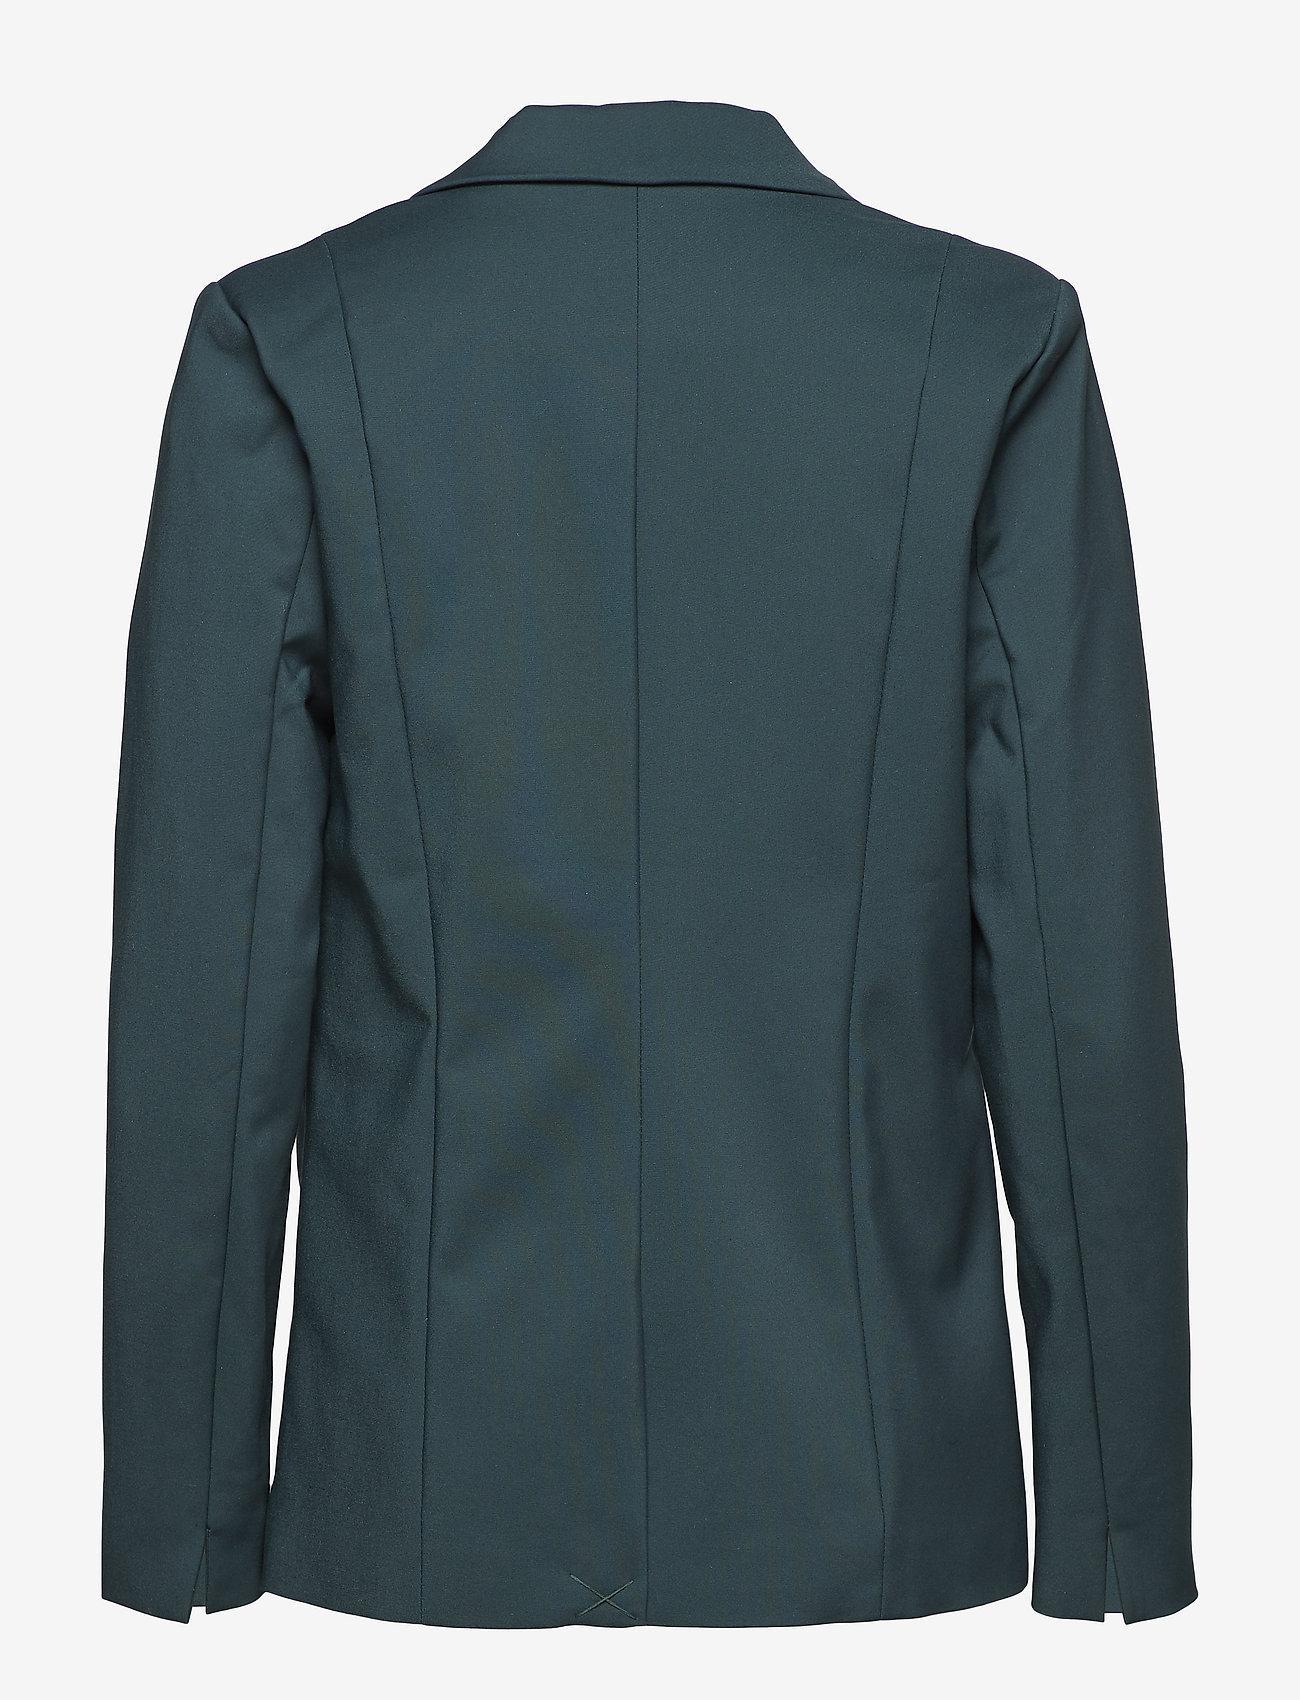 Minimum - Tena - blazers - hunter green - 1